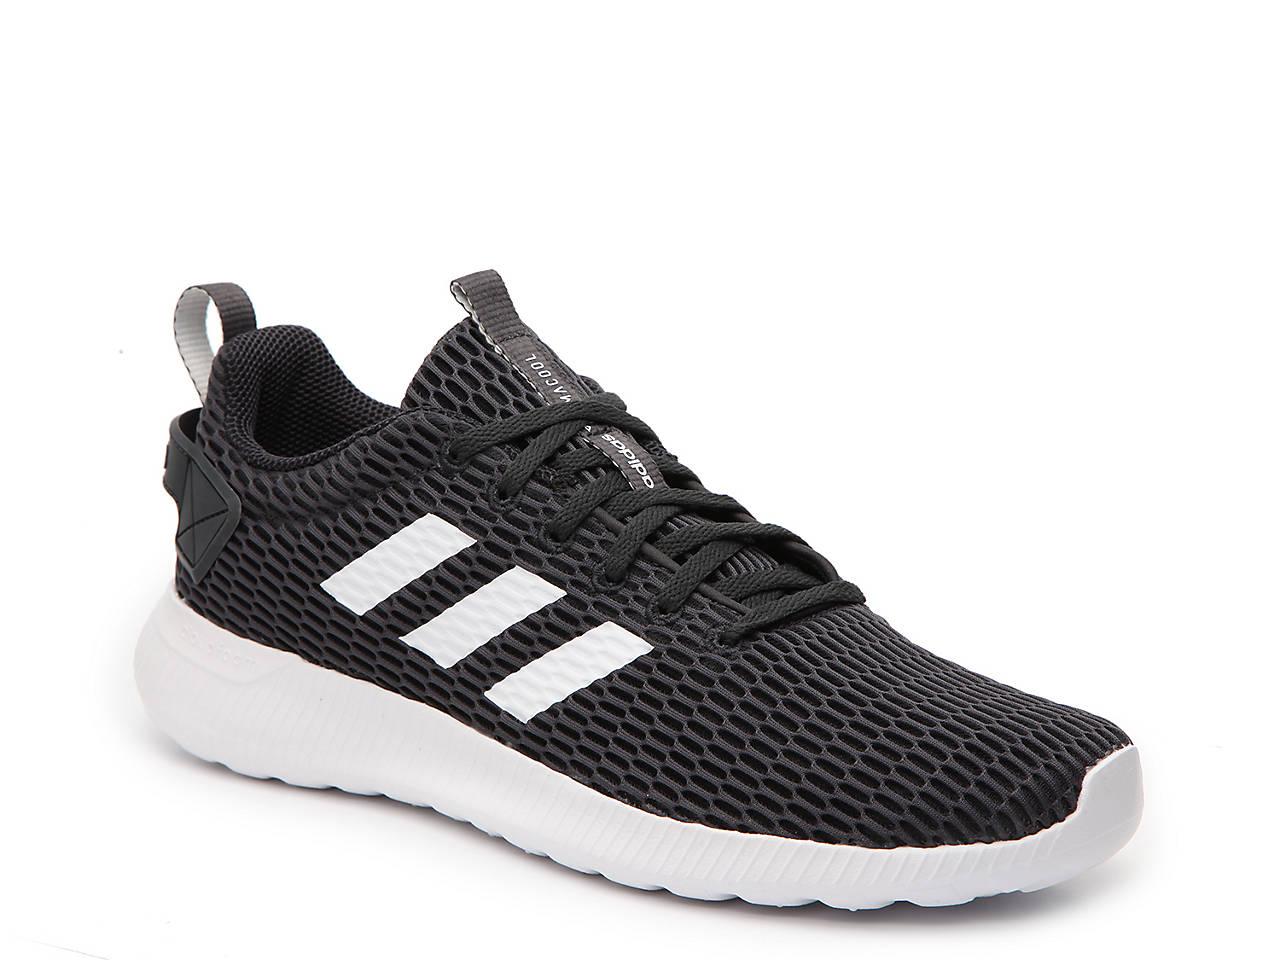 adidas Lite Racer Climacool Sneaker - Men s Men s Shoes  ea5984e2a